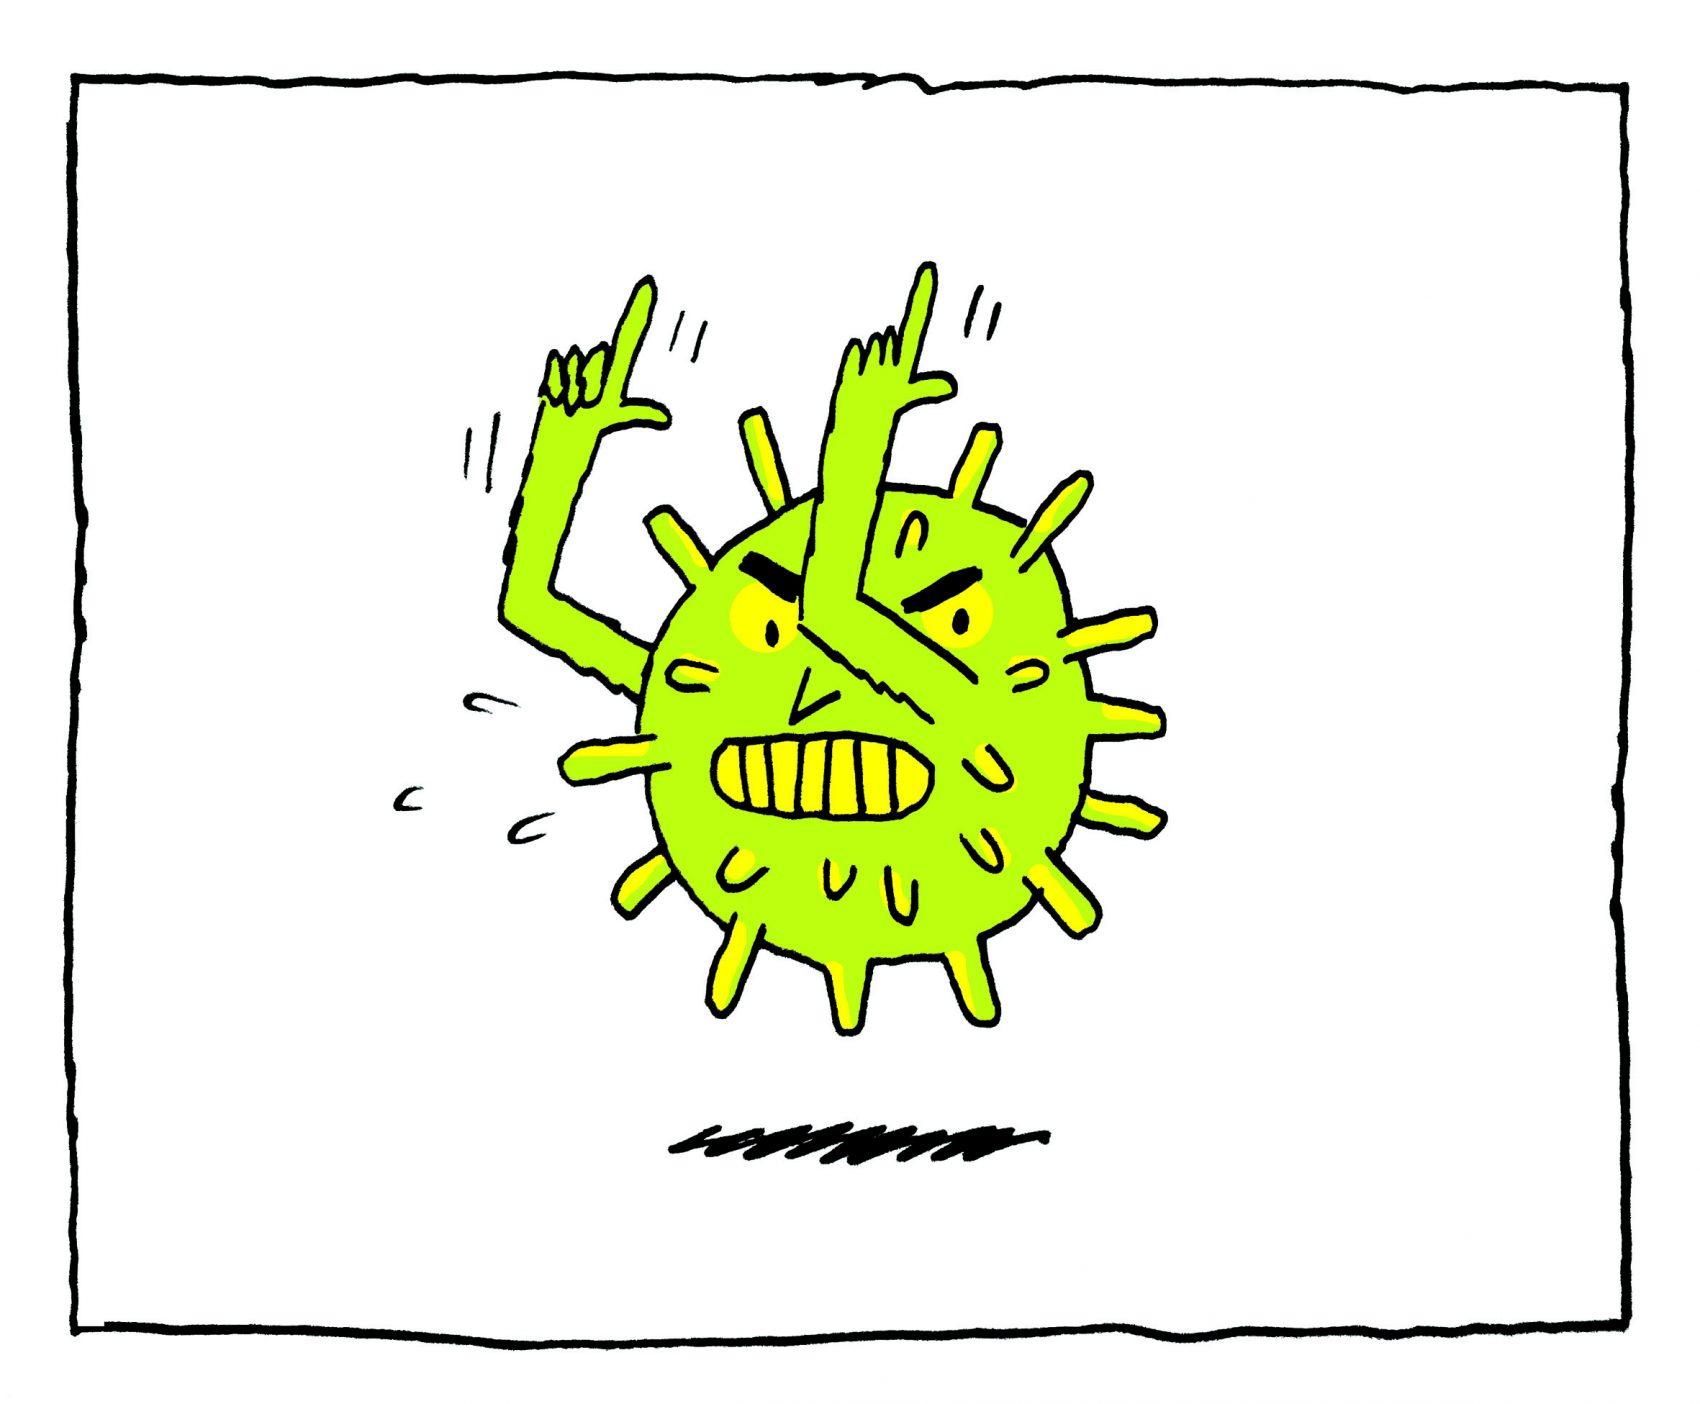 Vírus – modo de usar - Extra Classe